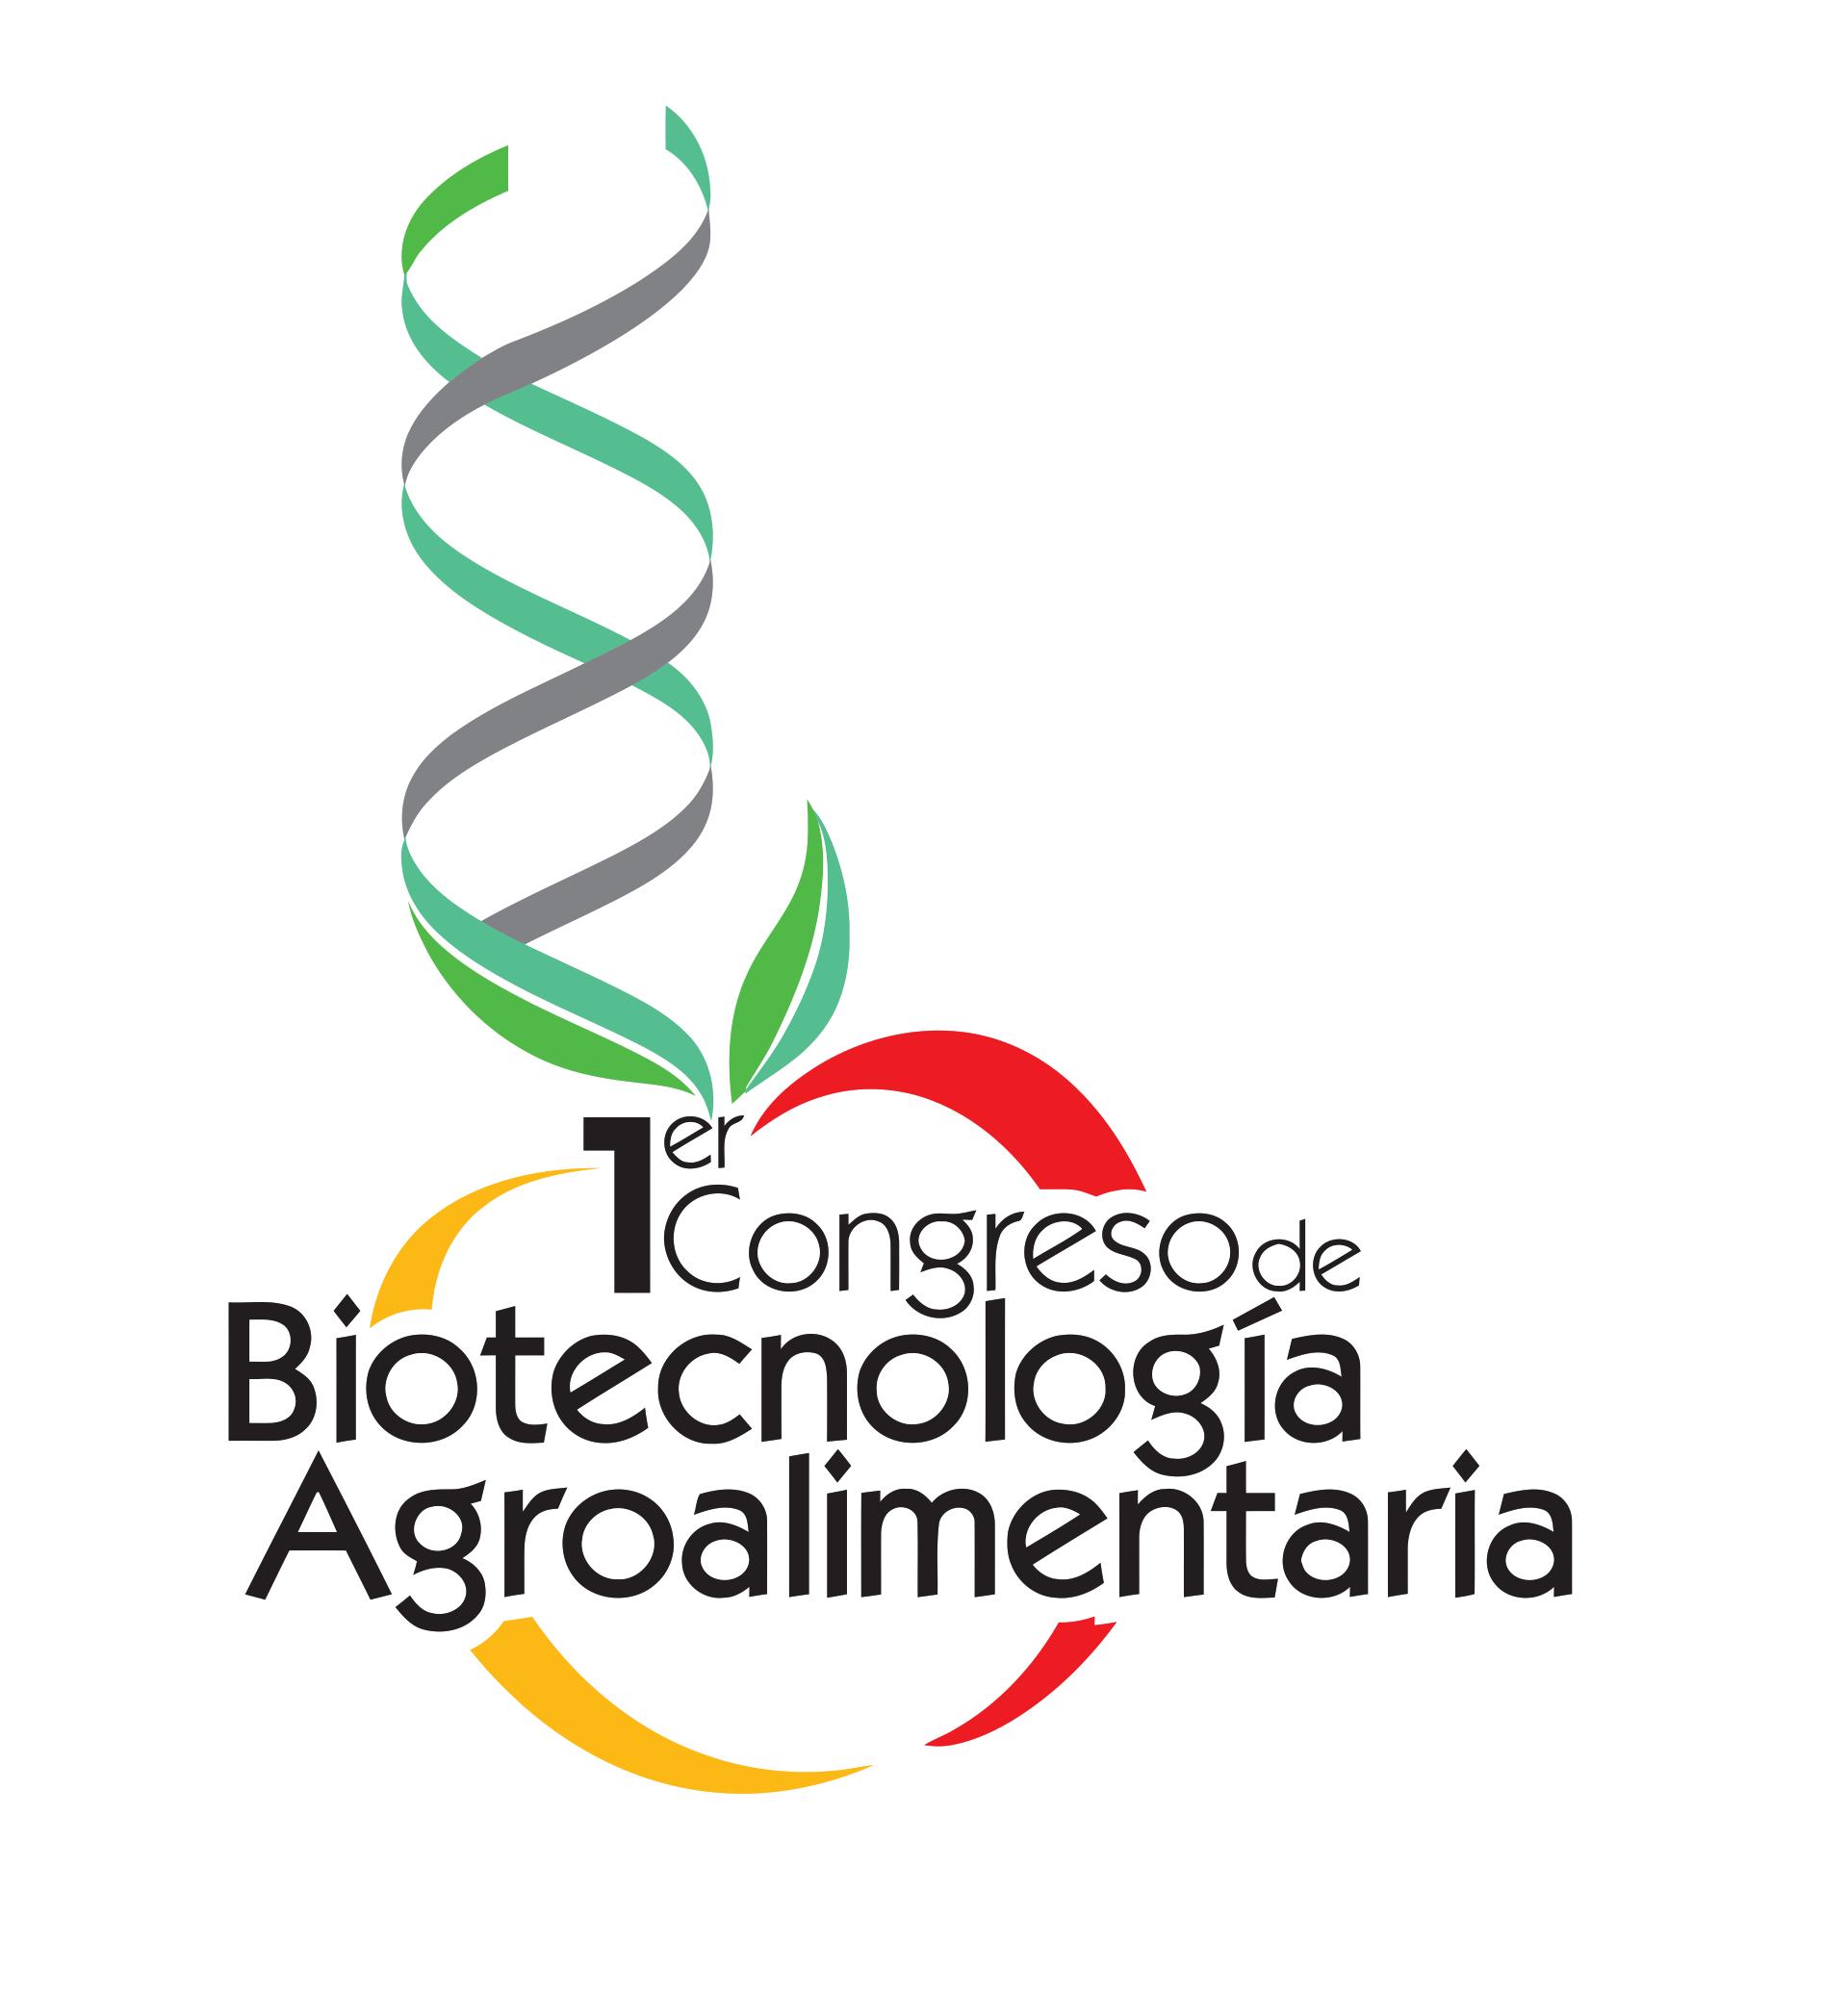 I Congreso de Biotecnología Agroalimentaria